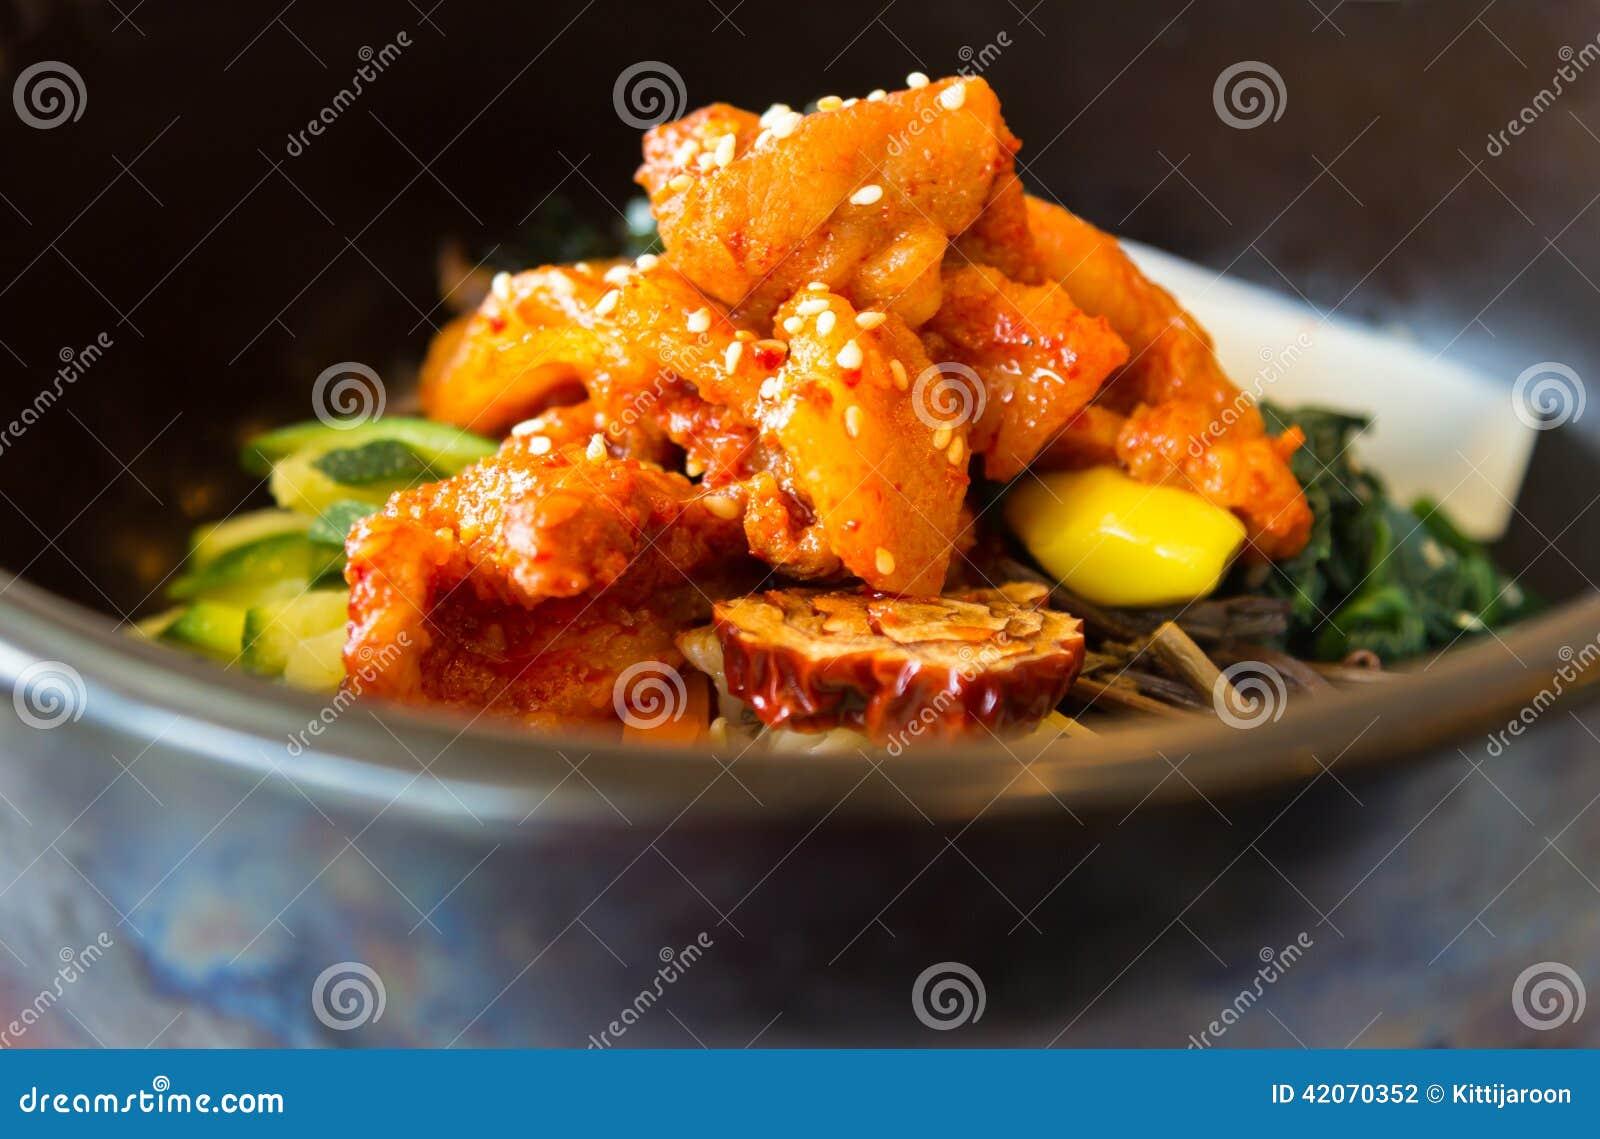 koreanische küche mit breinahaufnahme stockfoto - bild: 42070352